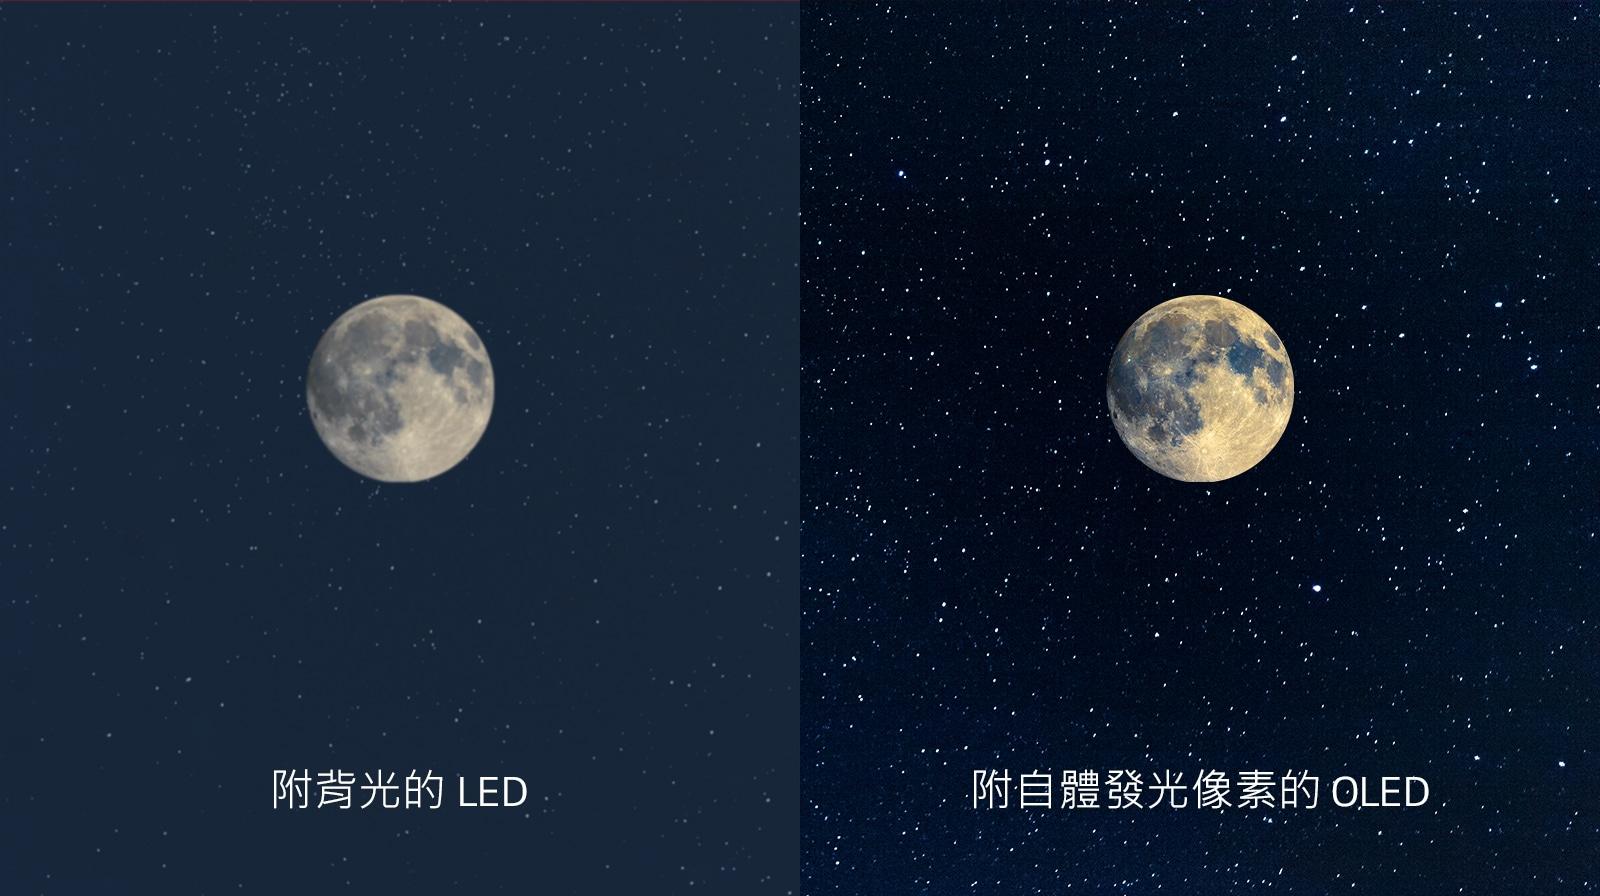 月亮的場景,左側的 LED 帶有不清晰的黑色,右側的 OLED 具有完美的黑色(播放影片)